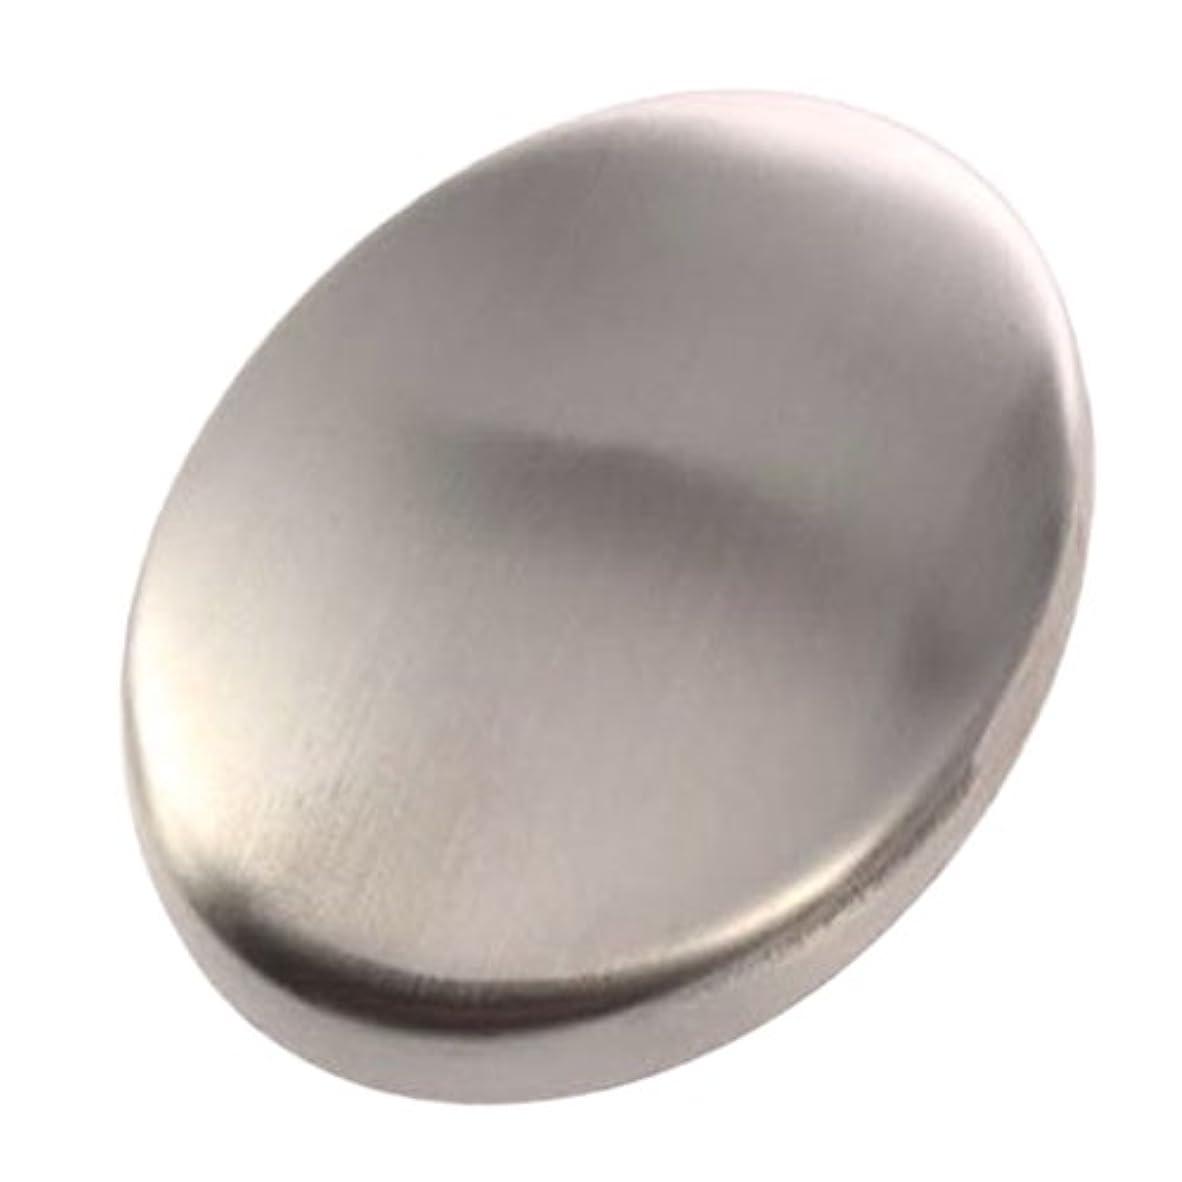 学校の先生古代胴体Zafina ステンレスソープ 円形 においとりソープ 臭い取り ステンレス石鹸